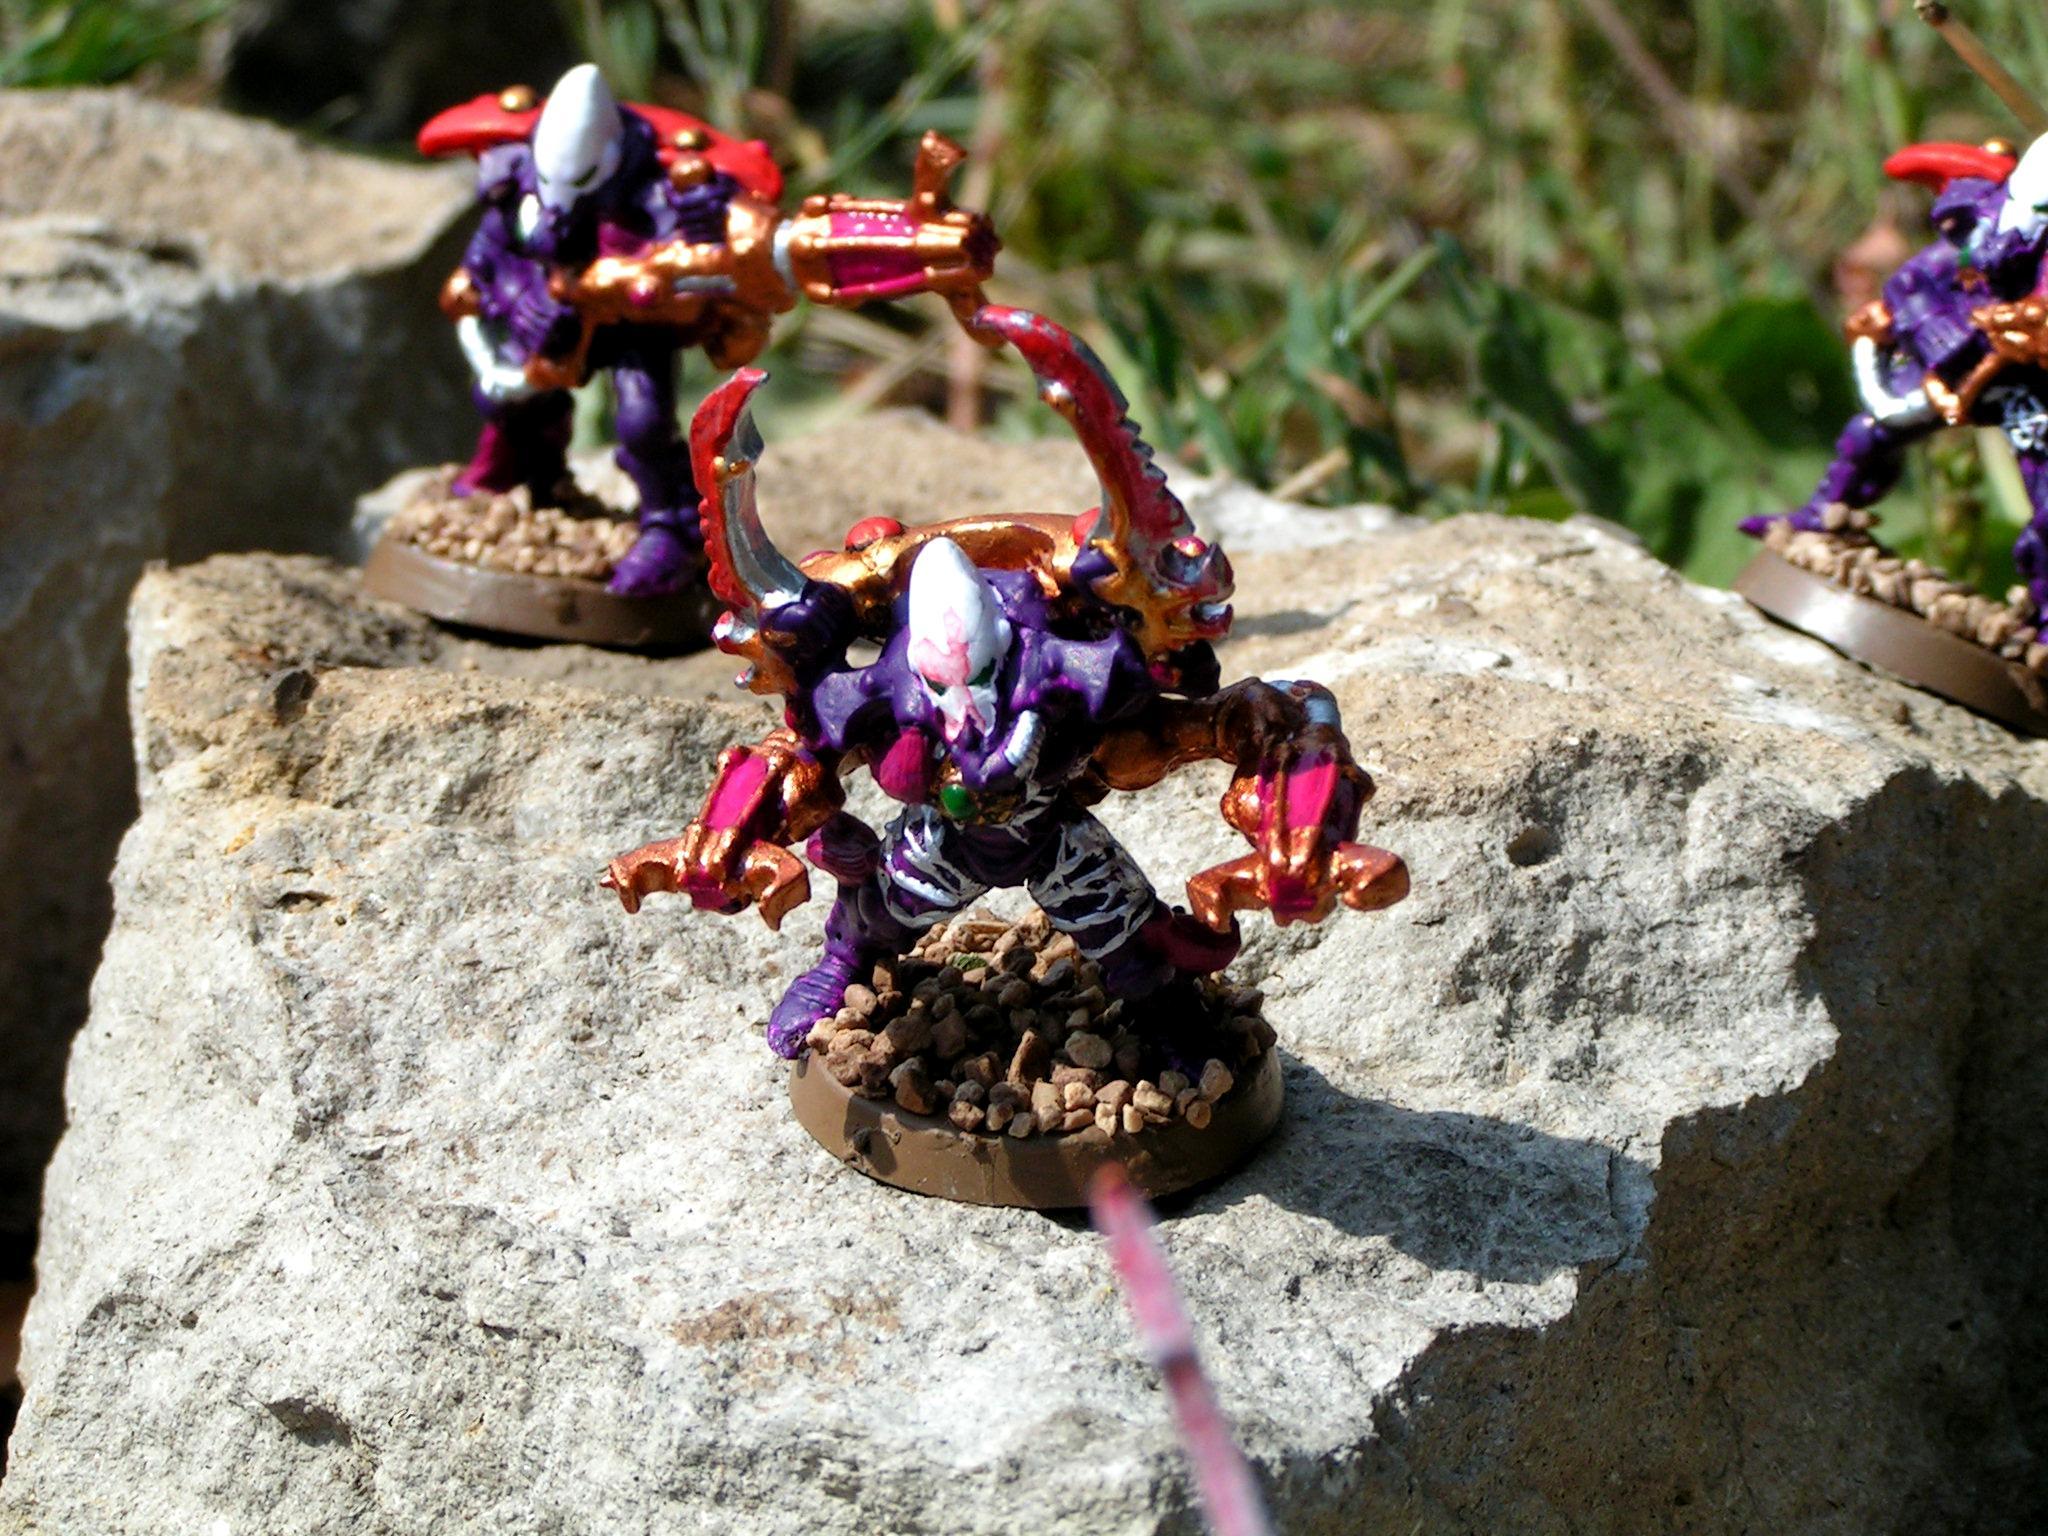 Eldar, Howling Banshees, Warp Spiders